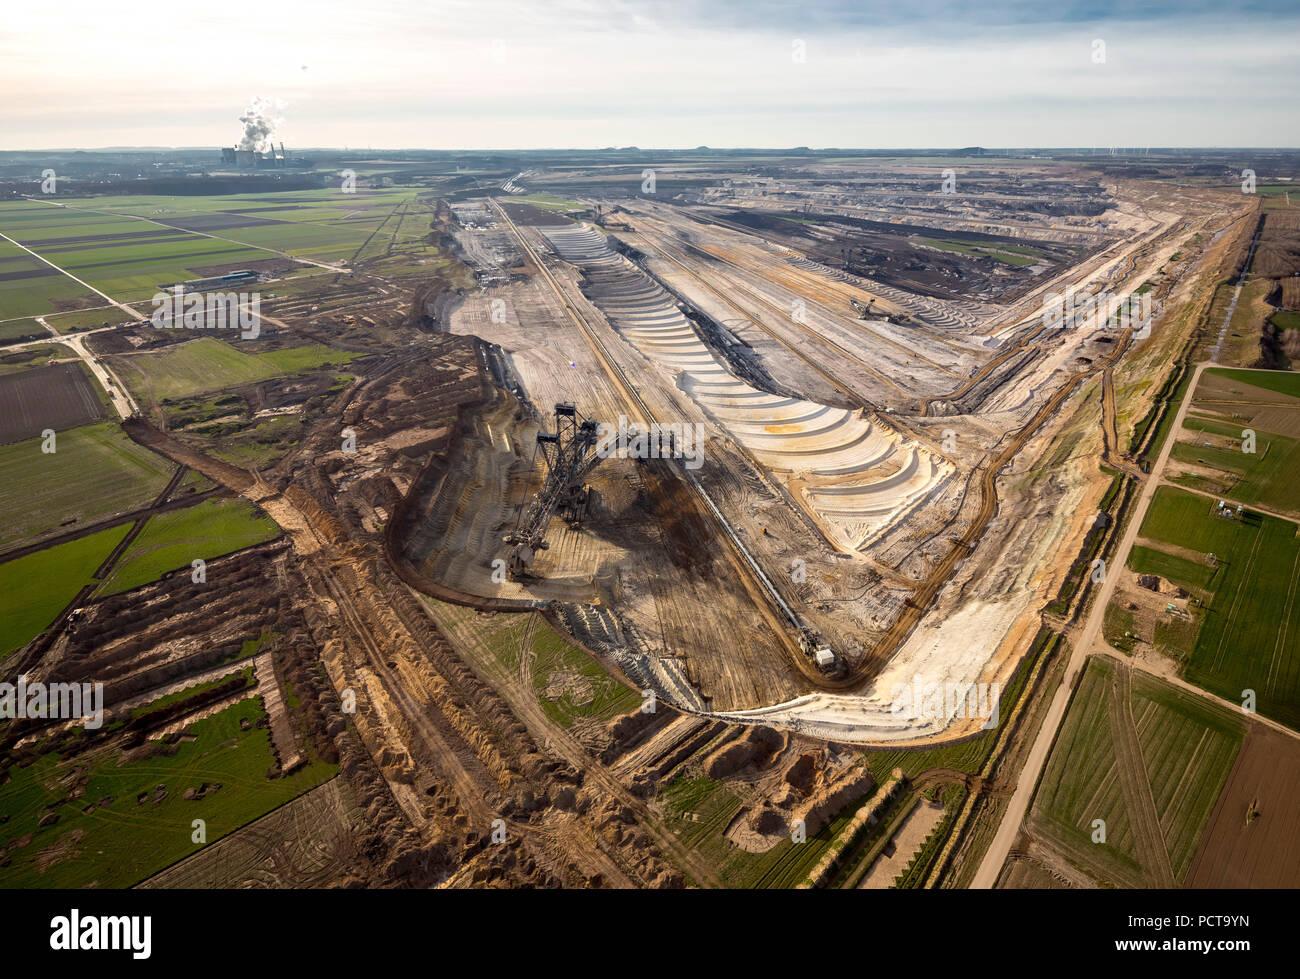 Inden lignite mine with demolished village of Inden, demolition, Inden, Rhineland, North Rhine-Westphalia, Germany - Stock Image